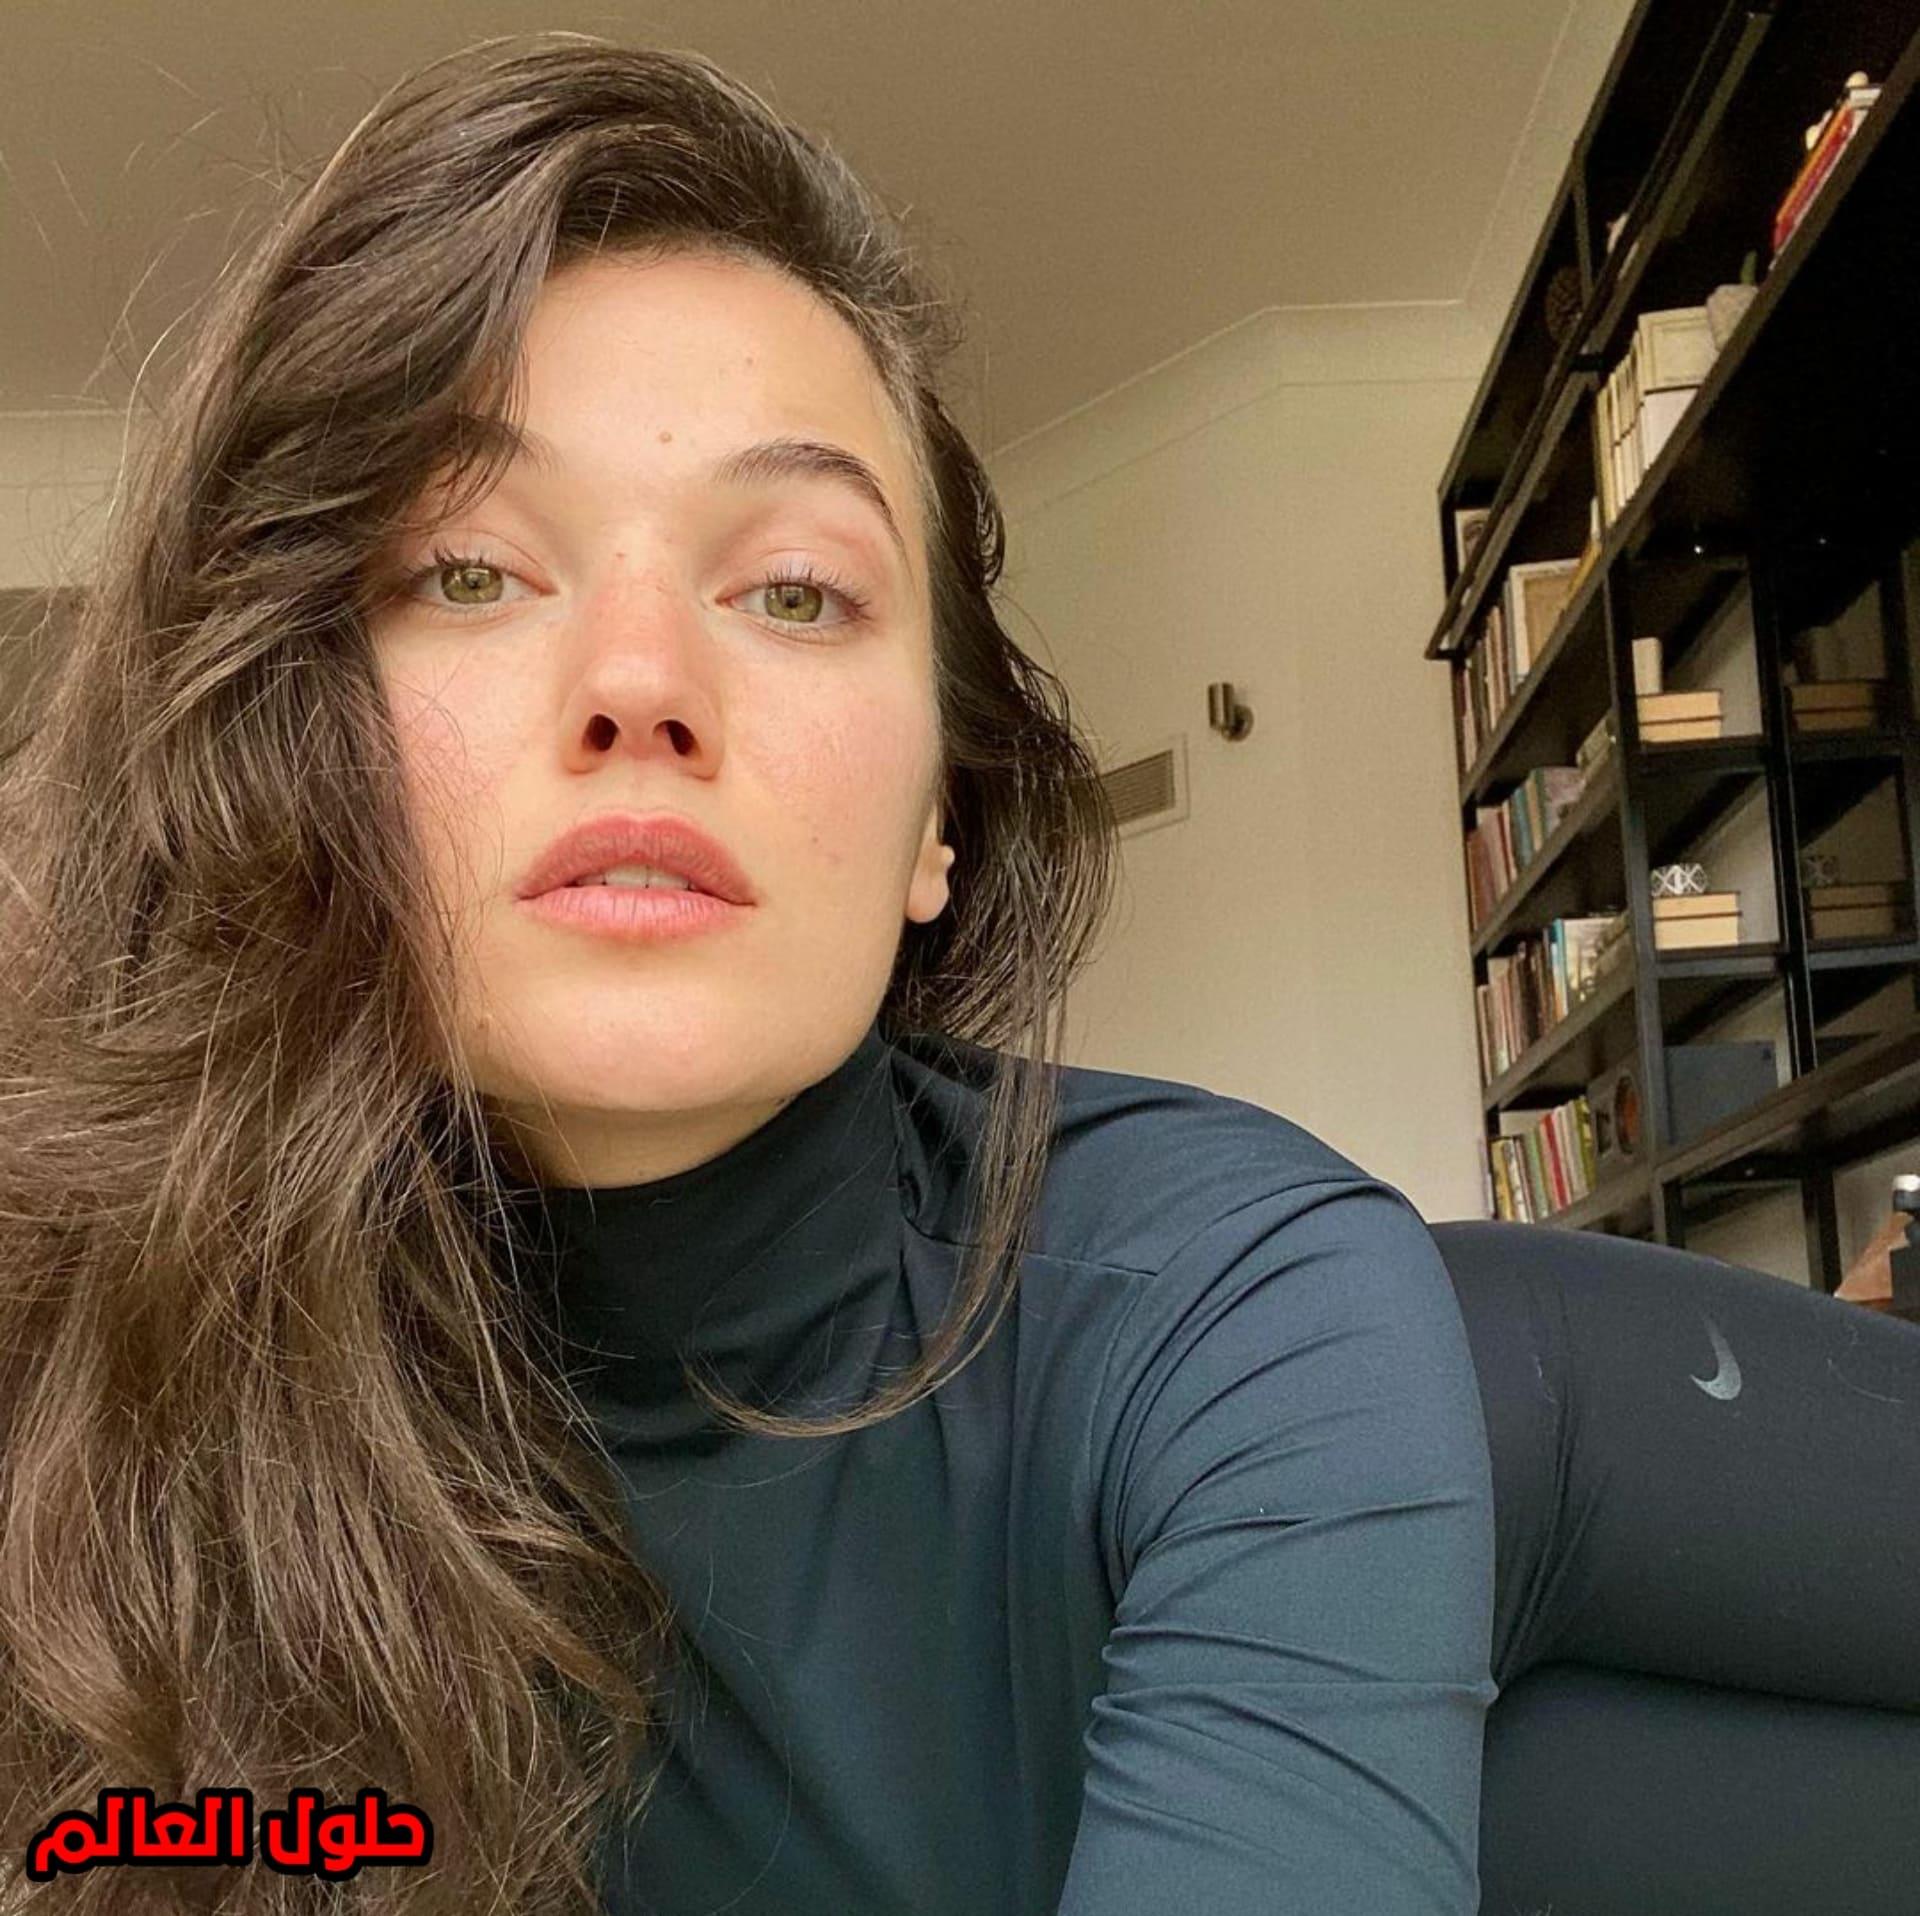 بينار دينيز Pınar Deniz حياتها منذ الطفولة ومسلسلاتها